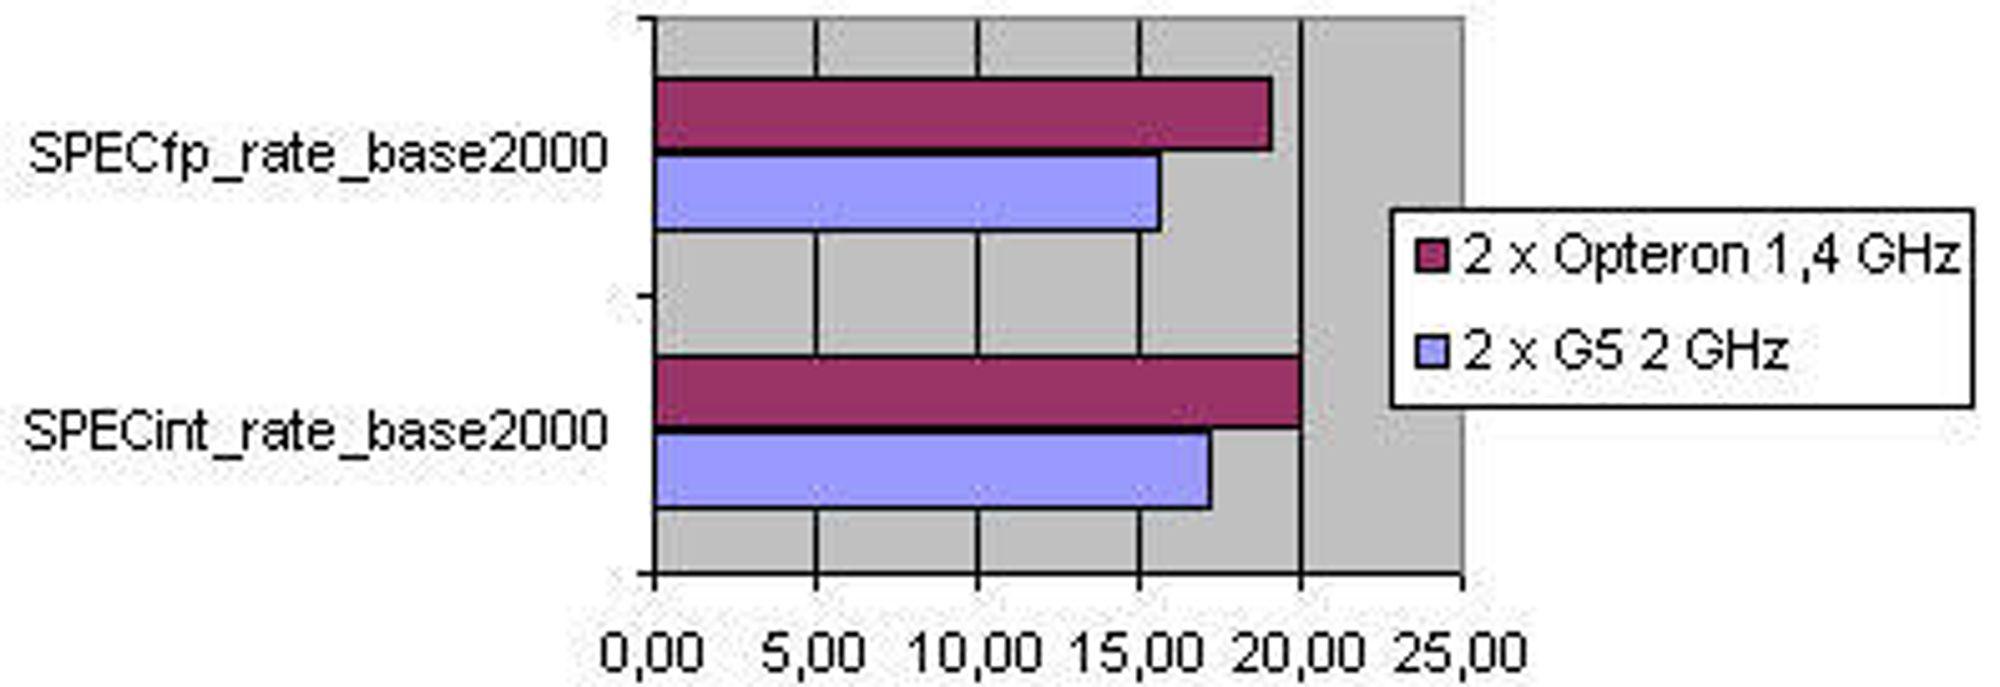 SPECint_rate_base2000 og SPECfp_rate_base2000 utført på maskiner med to prosessorer.  Opteron-maskinen var utstyrt med 4 GB minne, G5-maskinen med 1,5 GB med minne.